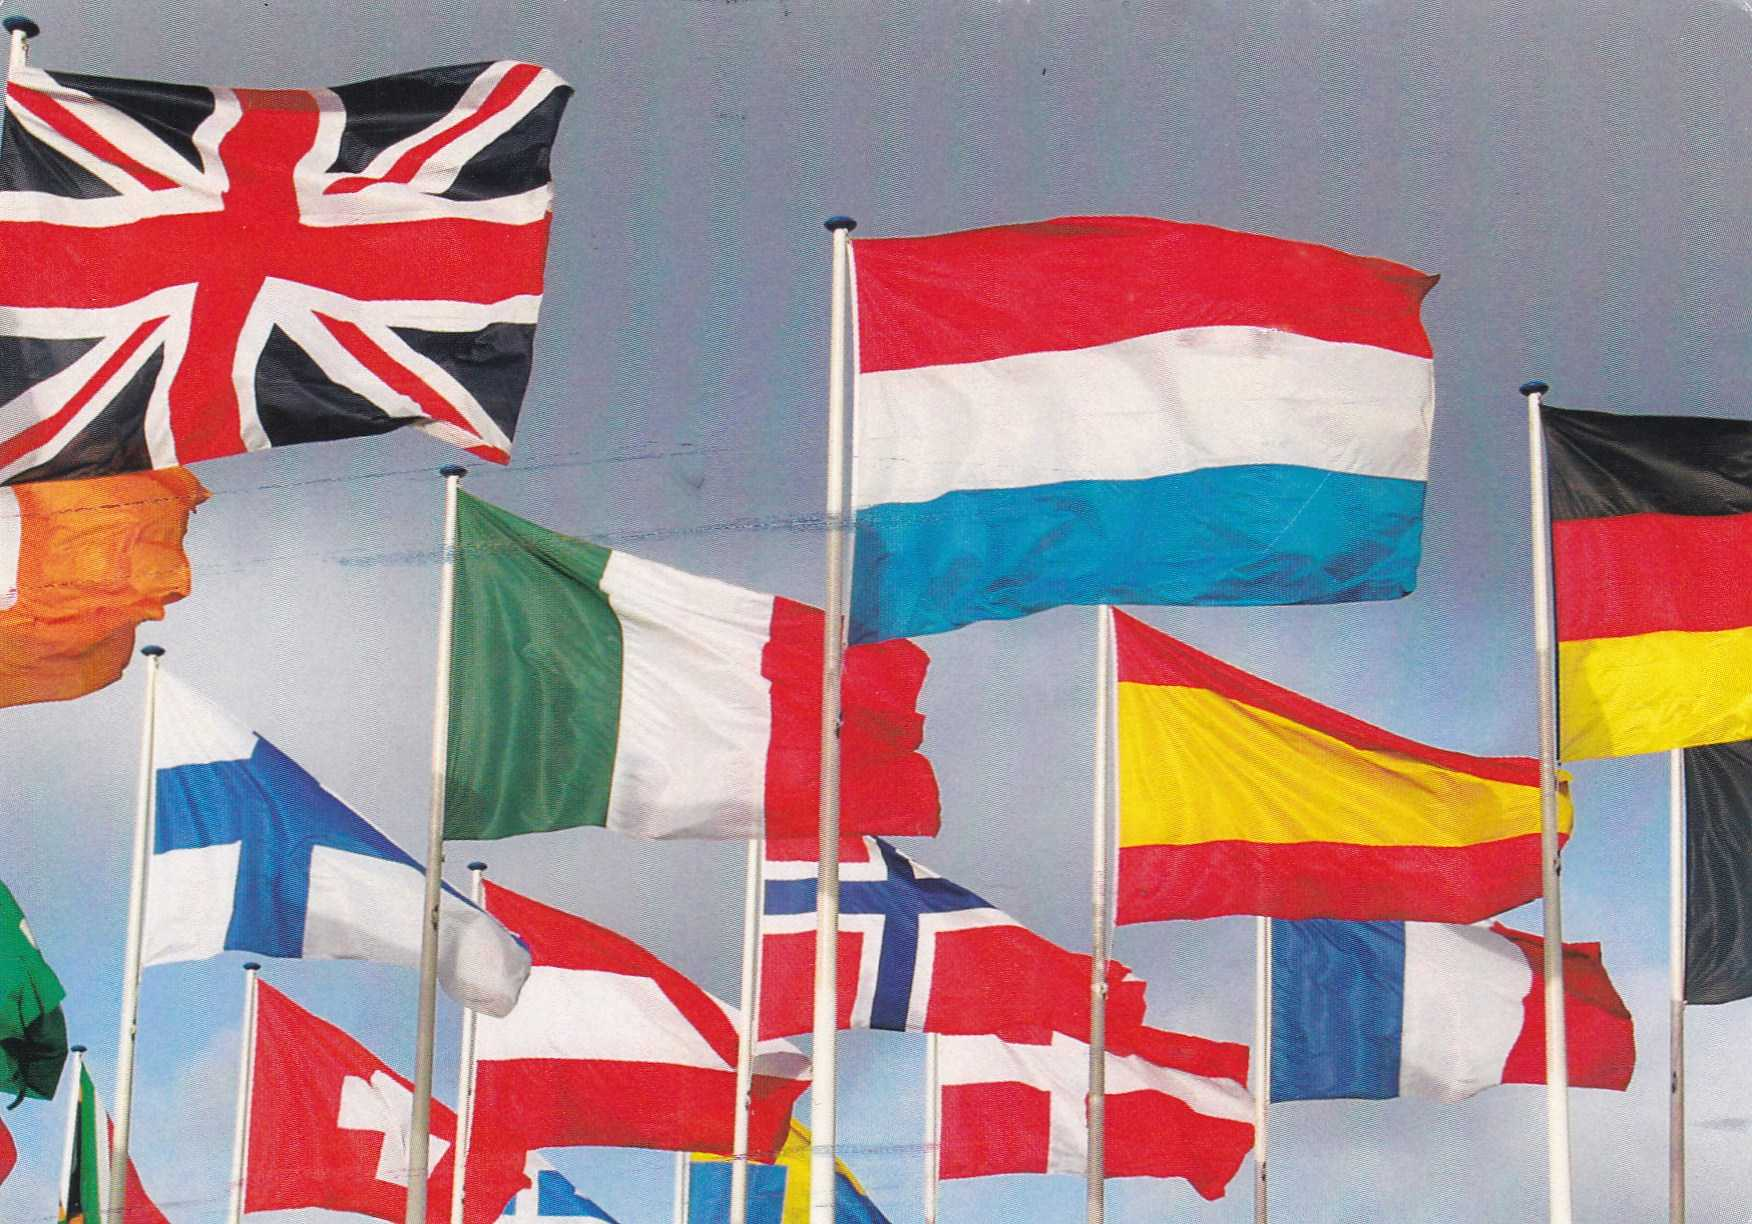 Mengenal Vexil Ogi Ilmu Tentang Bendera Halaman 1